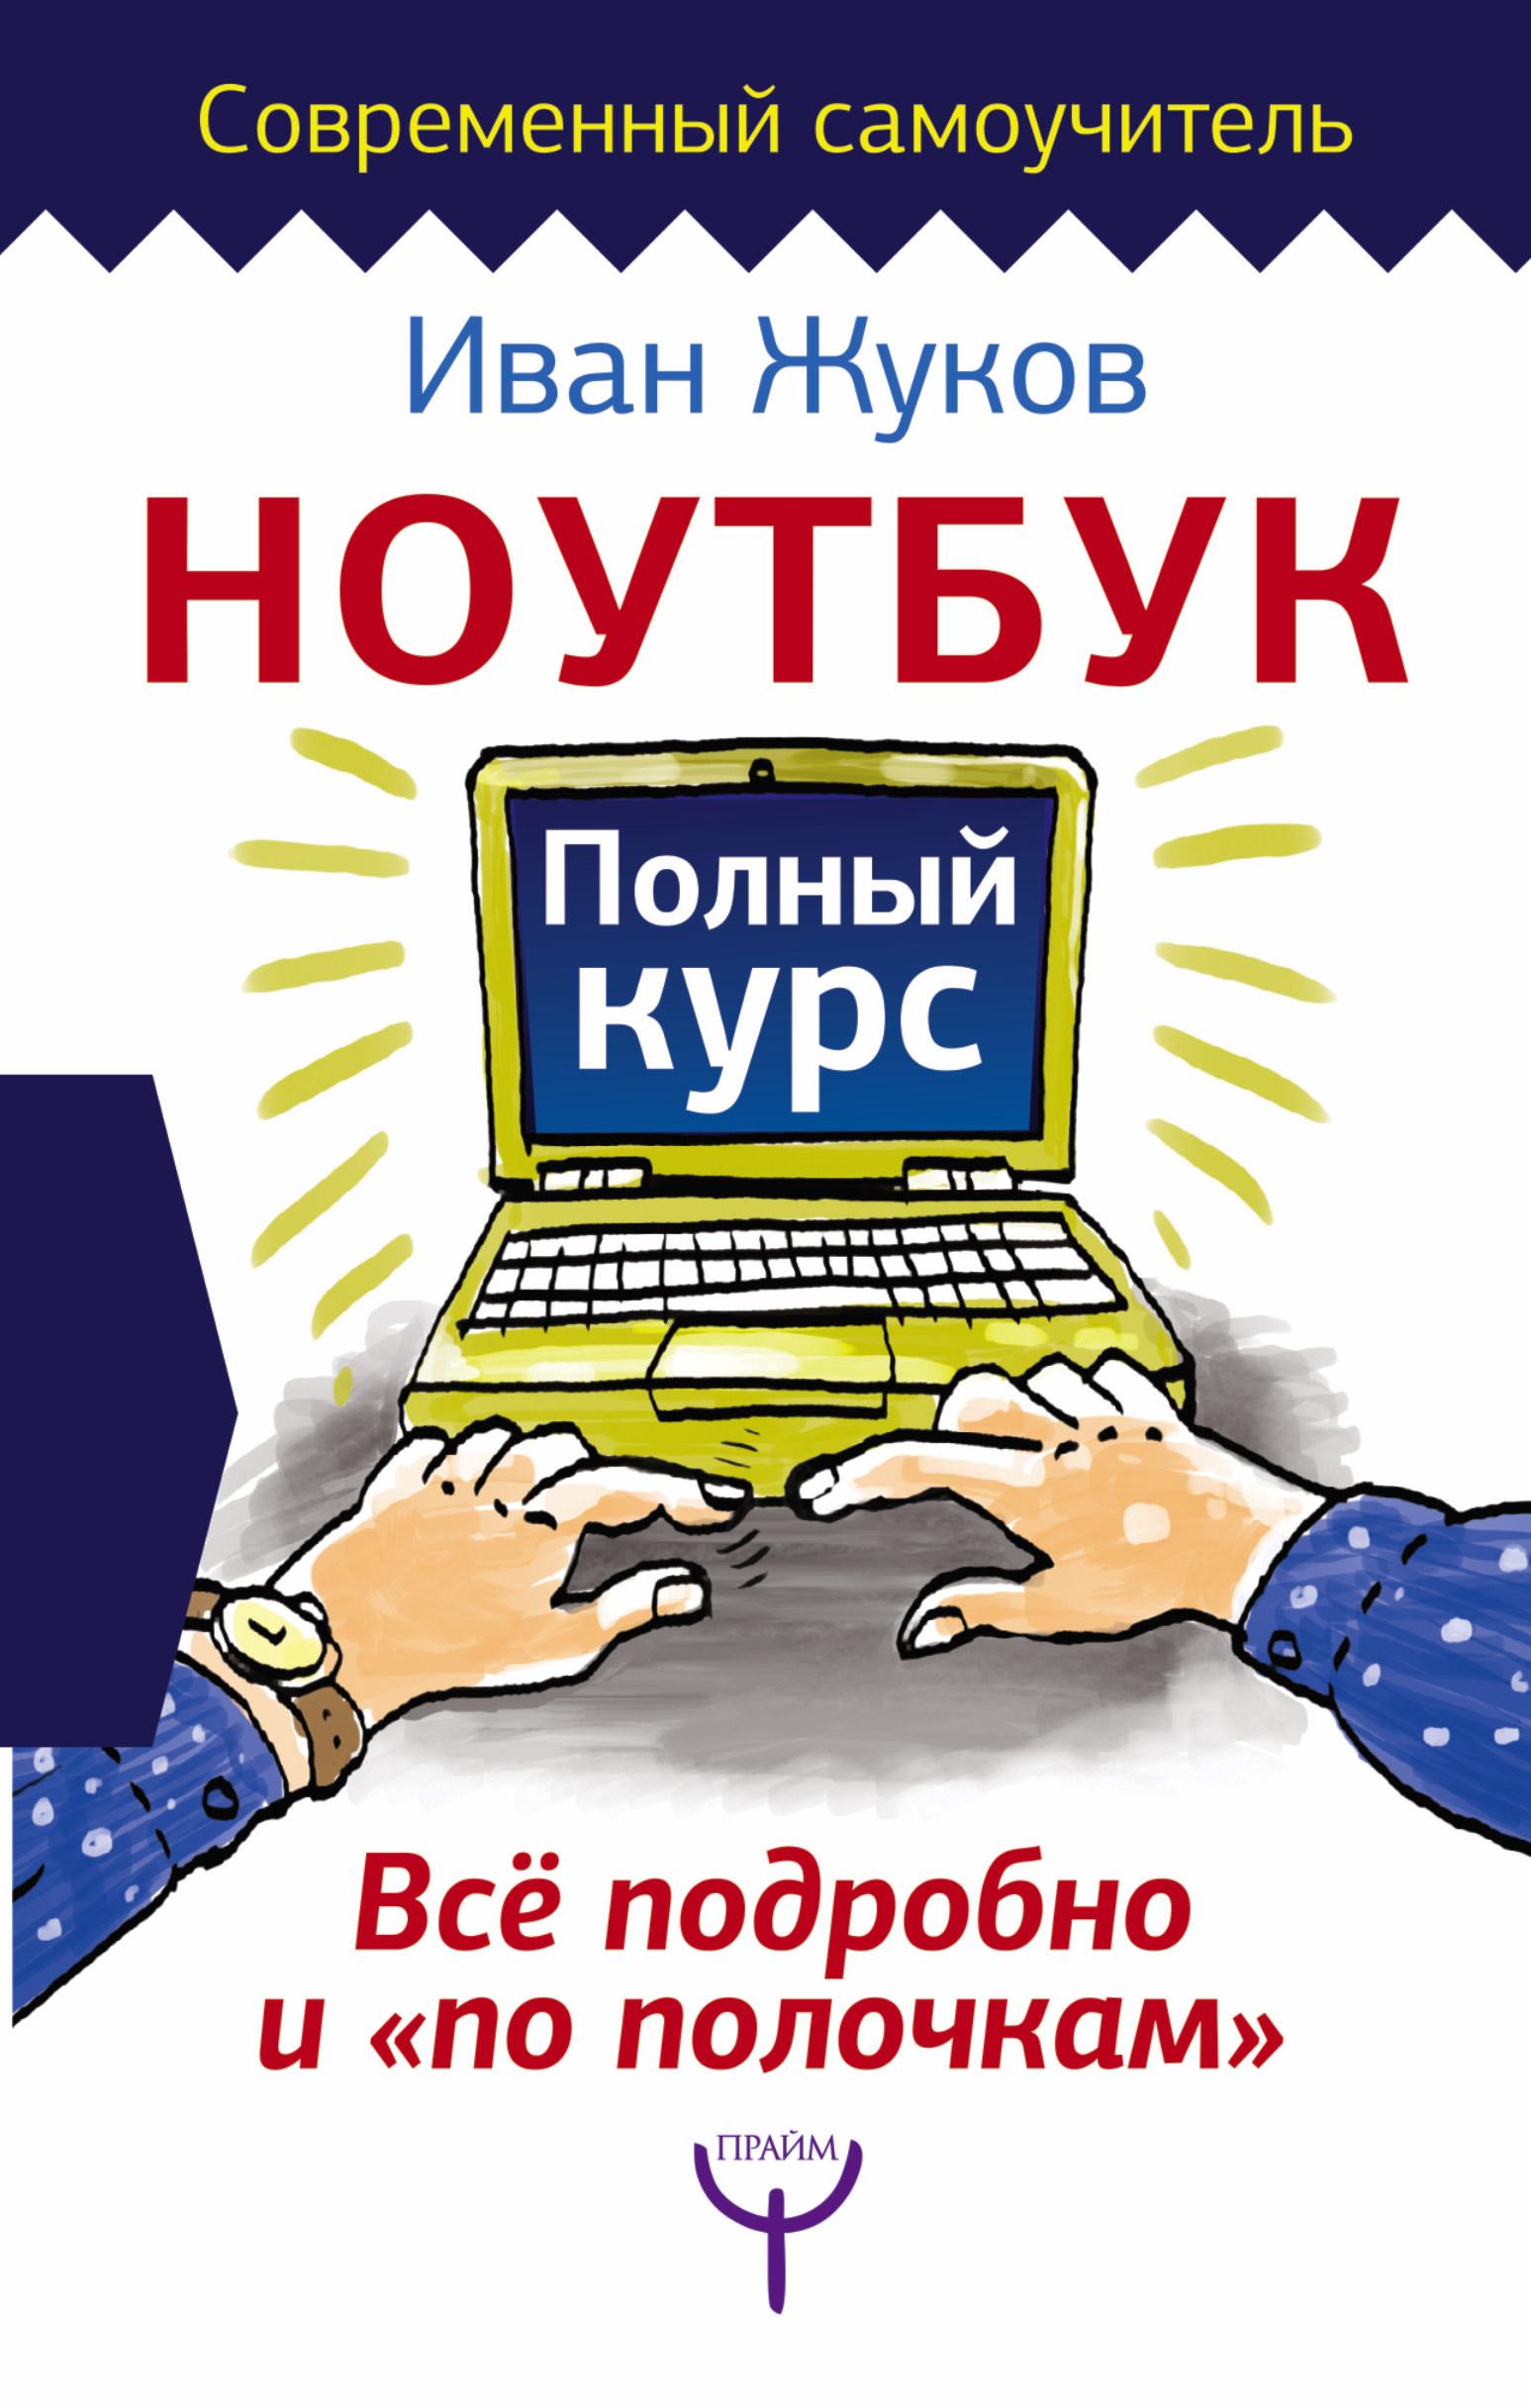 Иван Жуков Ноутбук. Полный курс. Все подробно и «по полочкам» иван жуков самый полезный самоучитель работы на компьютере